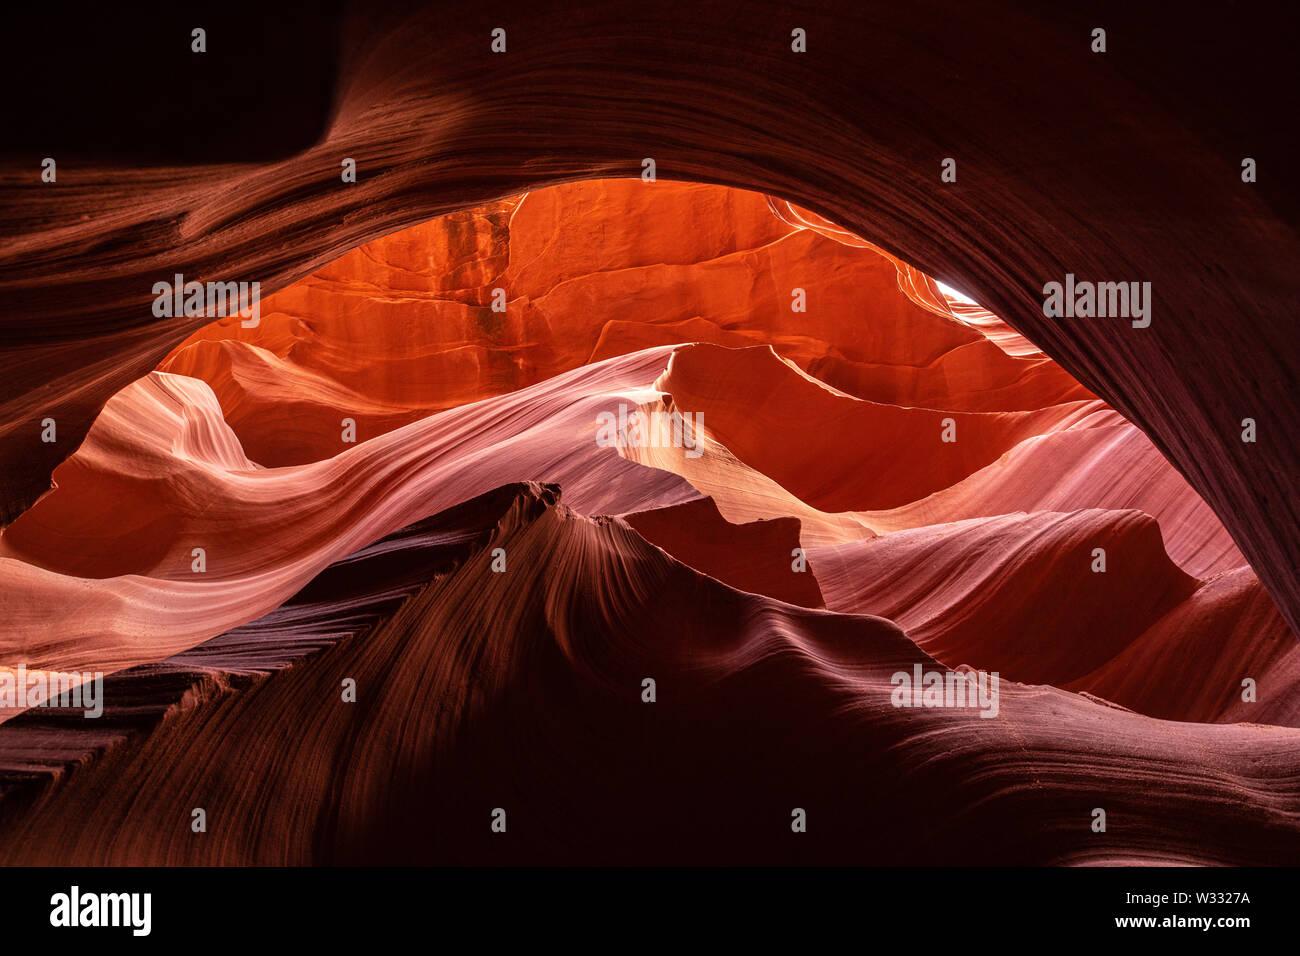 L'emplacement de l'Arizona canyon paysages à Antelope Canyon, États-Unis d'Amérique Banque D'Images